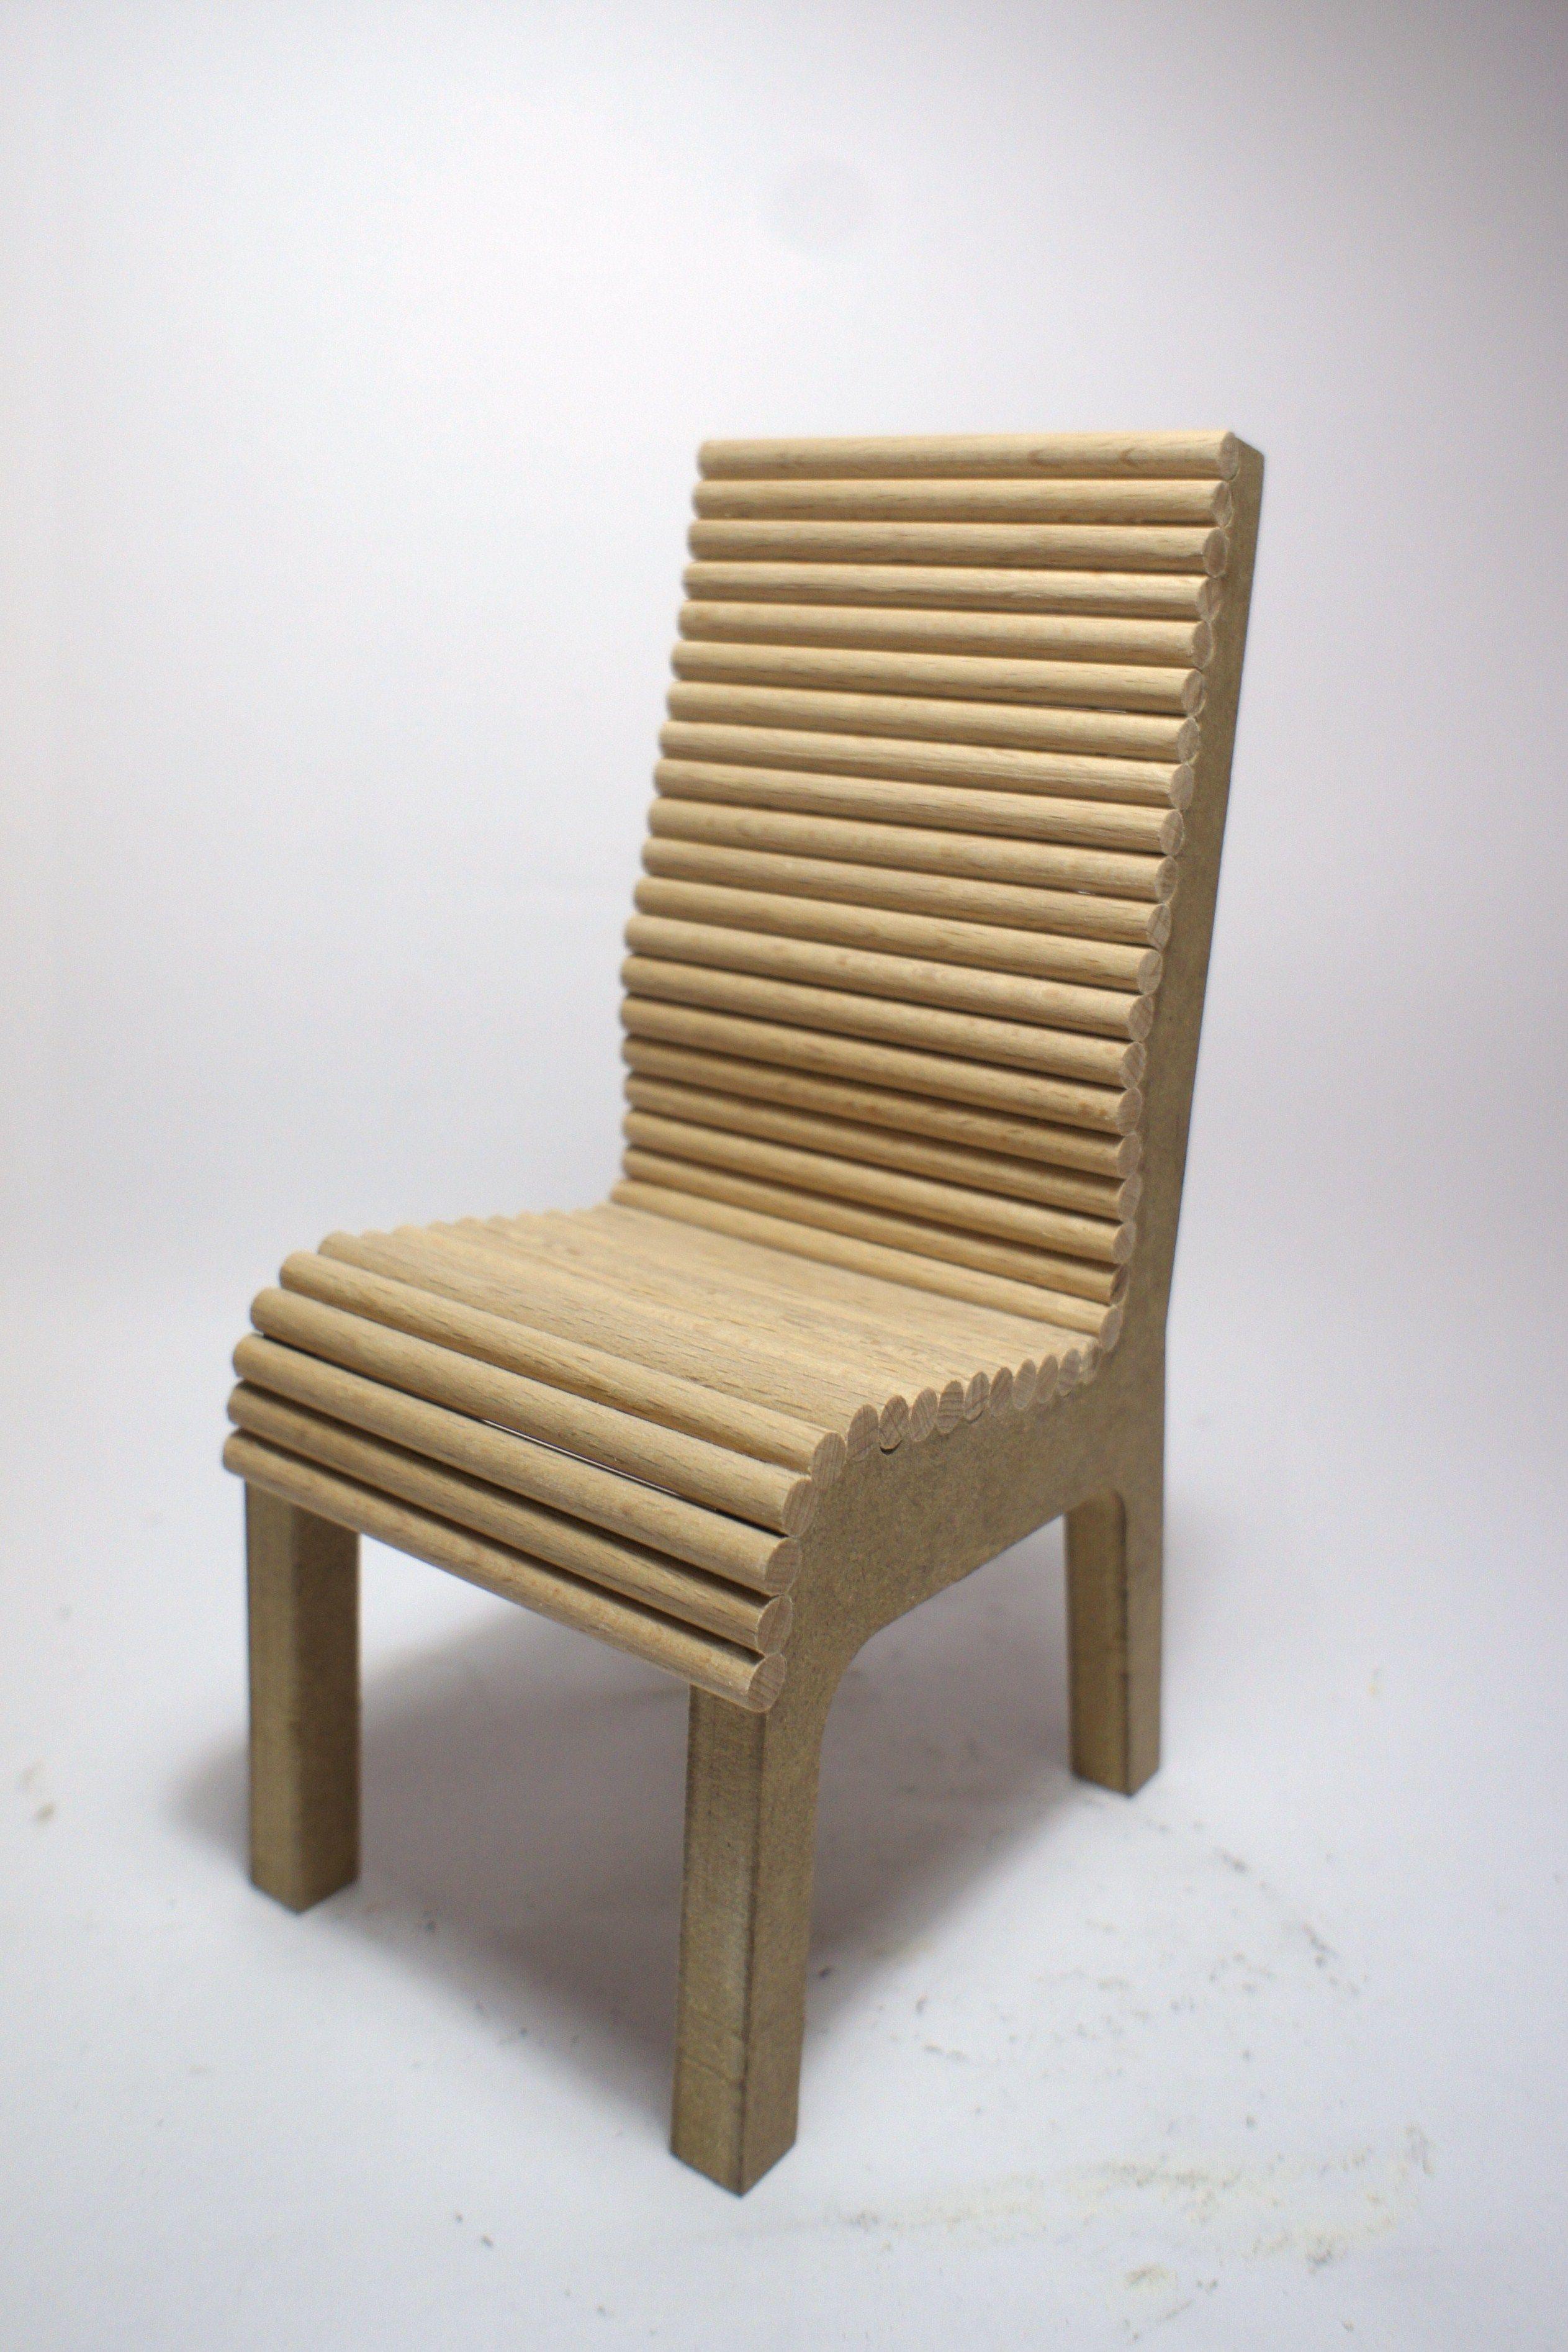 Maqueta silla ergonómica